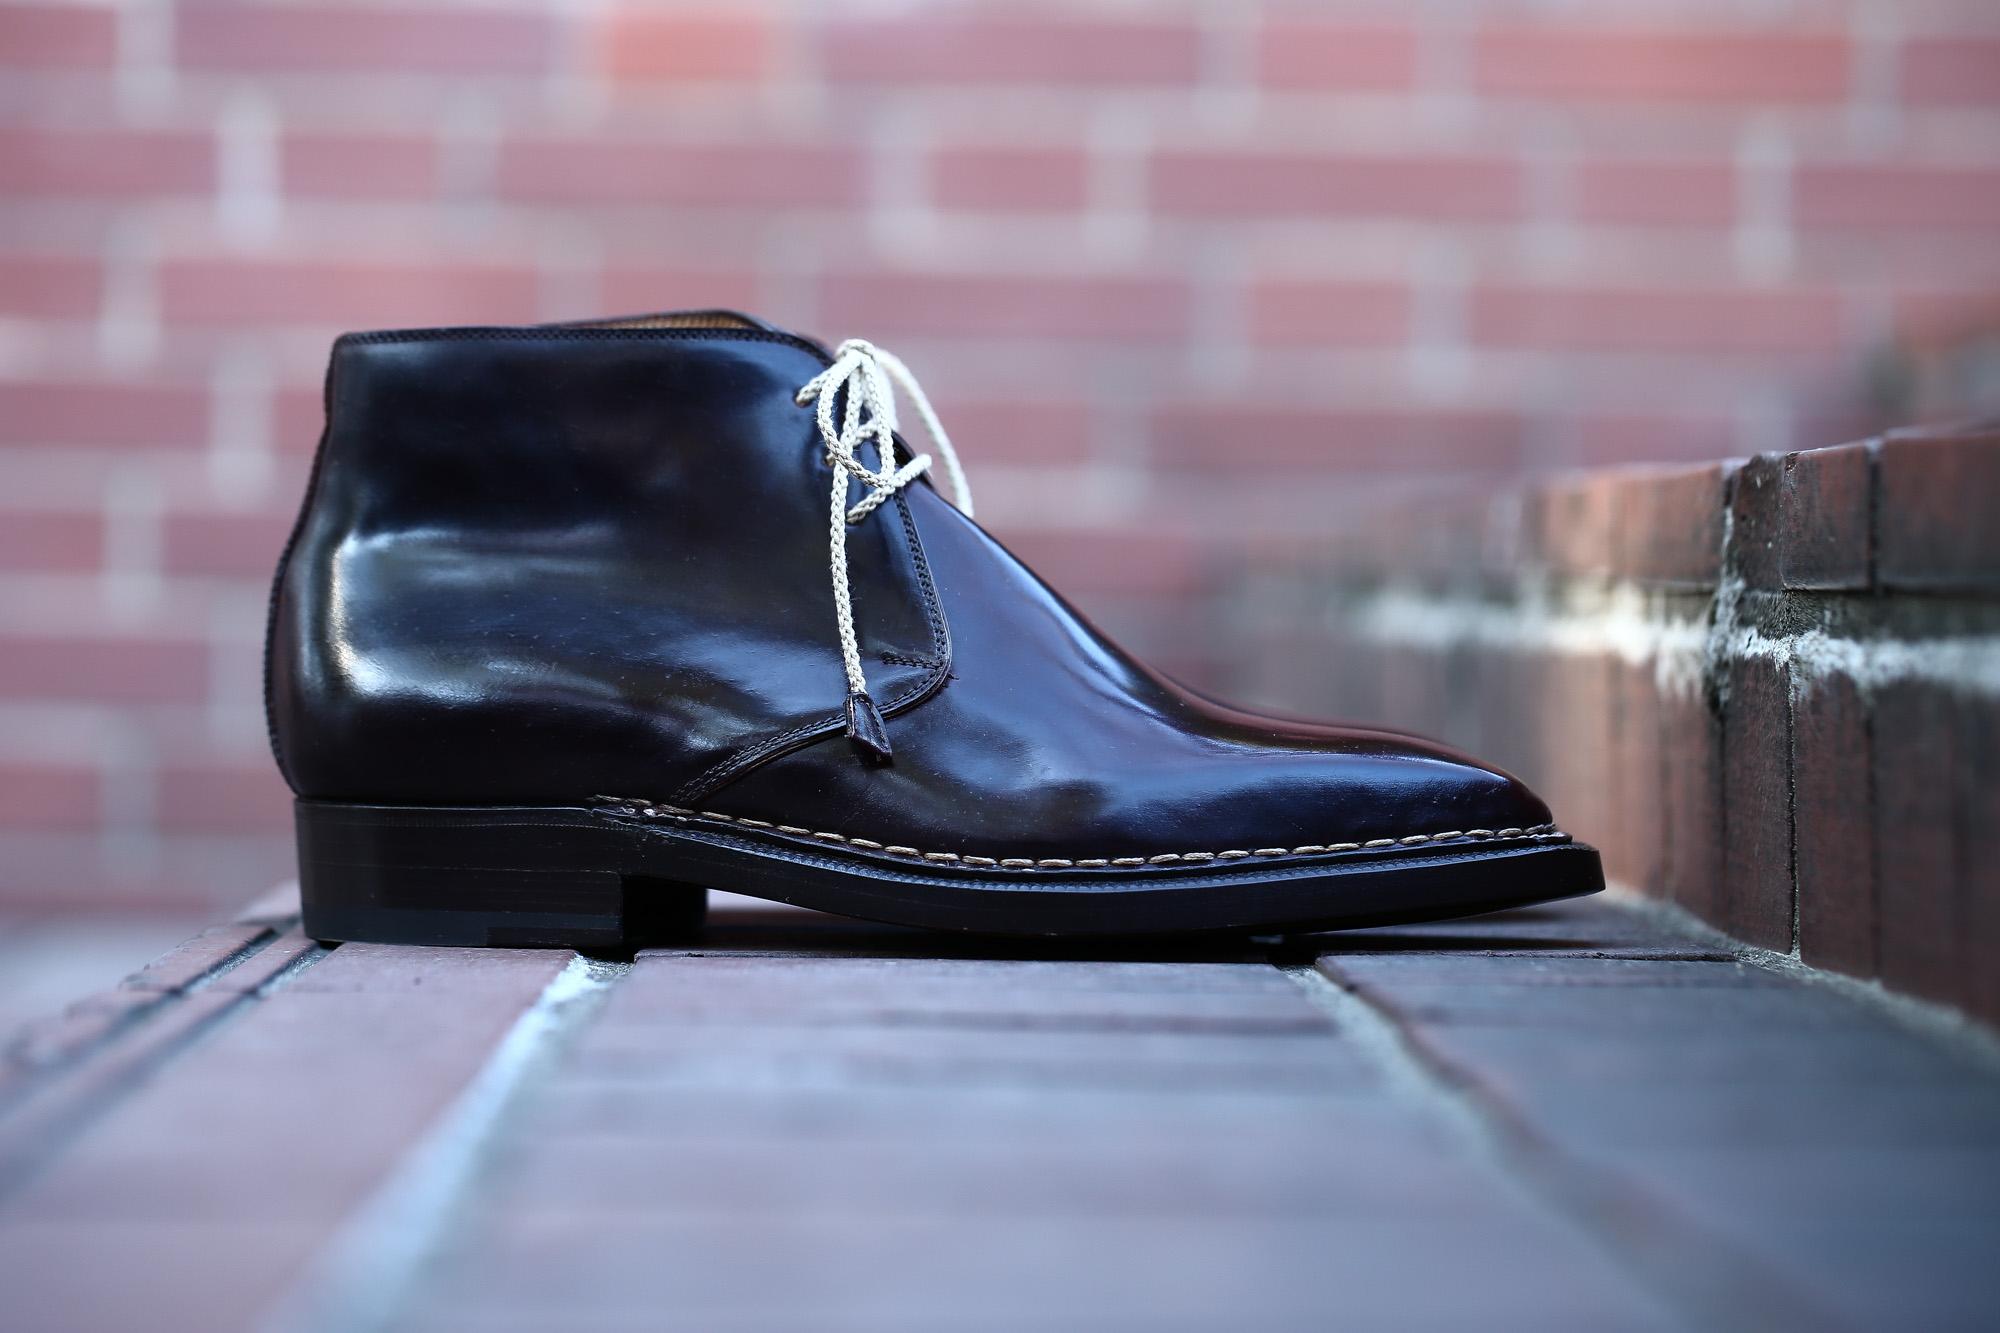 【ENZO BONAFE // エンツォボナフェ】 ART.3722 Chukka boots チャッカブーツ Horween Shell Cordovan Leather ホーウィン社 シェルコードバンレザー ノルベジェーゼ製法 チャッカブーツ コードバンブーツ No.8(バーガンディー)  made in italy (イタリア製) 2017 秋冬新作 愛知 名古屋 Alto e Diritto アルト エ デリット エンツォボナフェ コードバン チャッカ 5.5,6,6.5,7,7.5,8,8.5,9,9.5